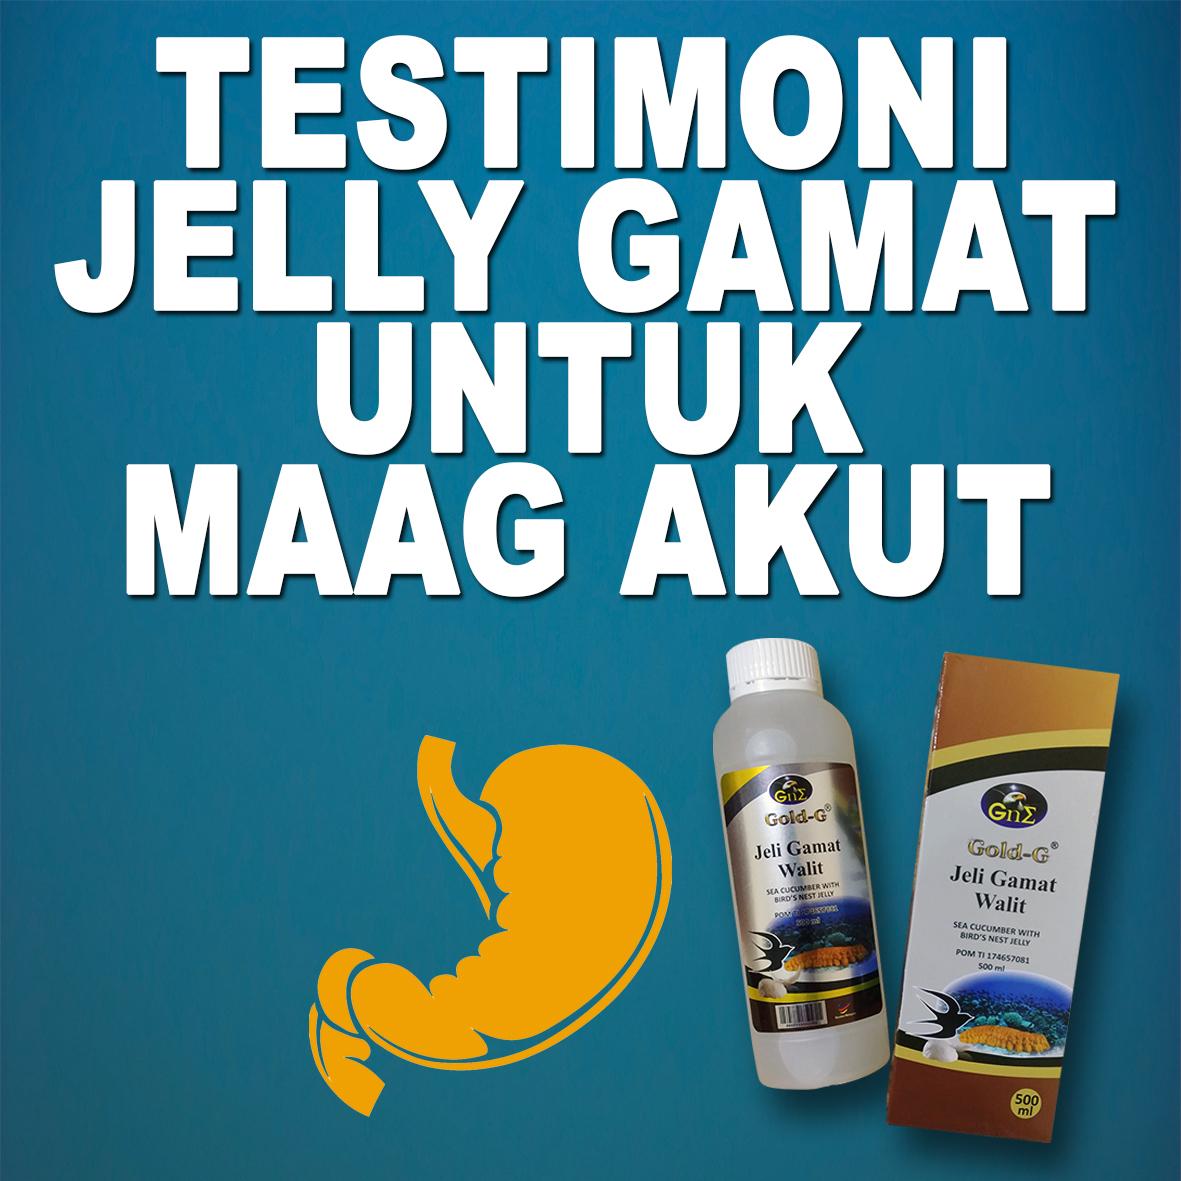 Testimoni Jelly Gamat Gold G Untuk Maag Akut